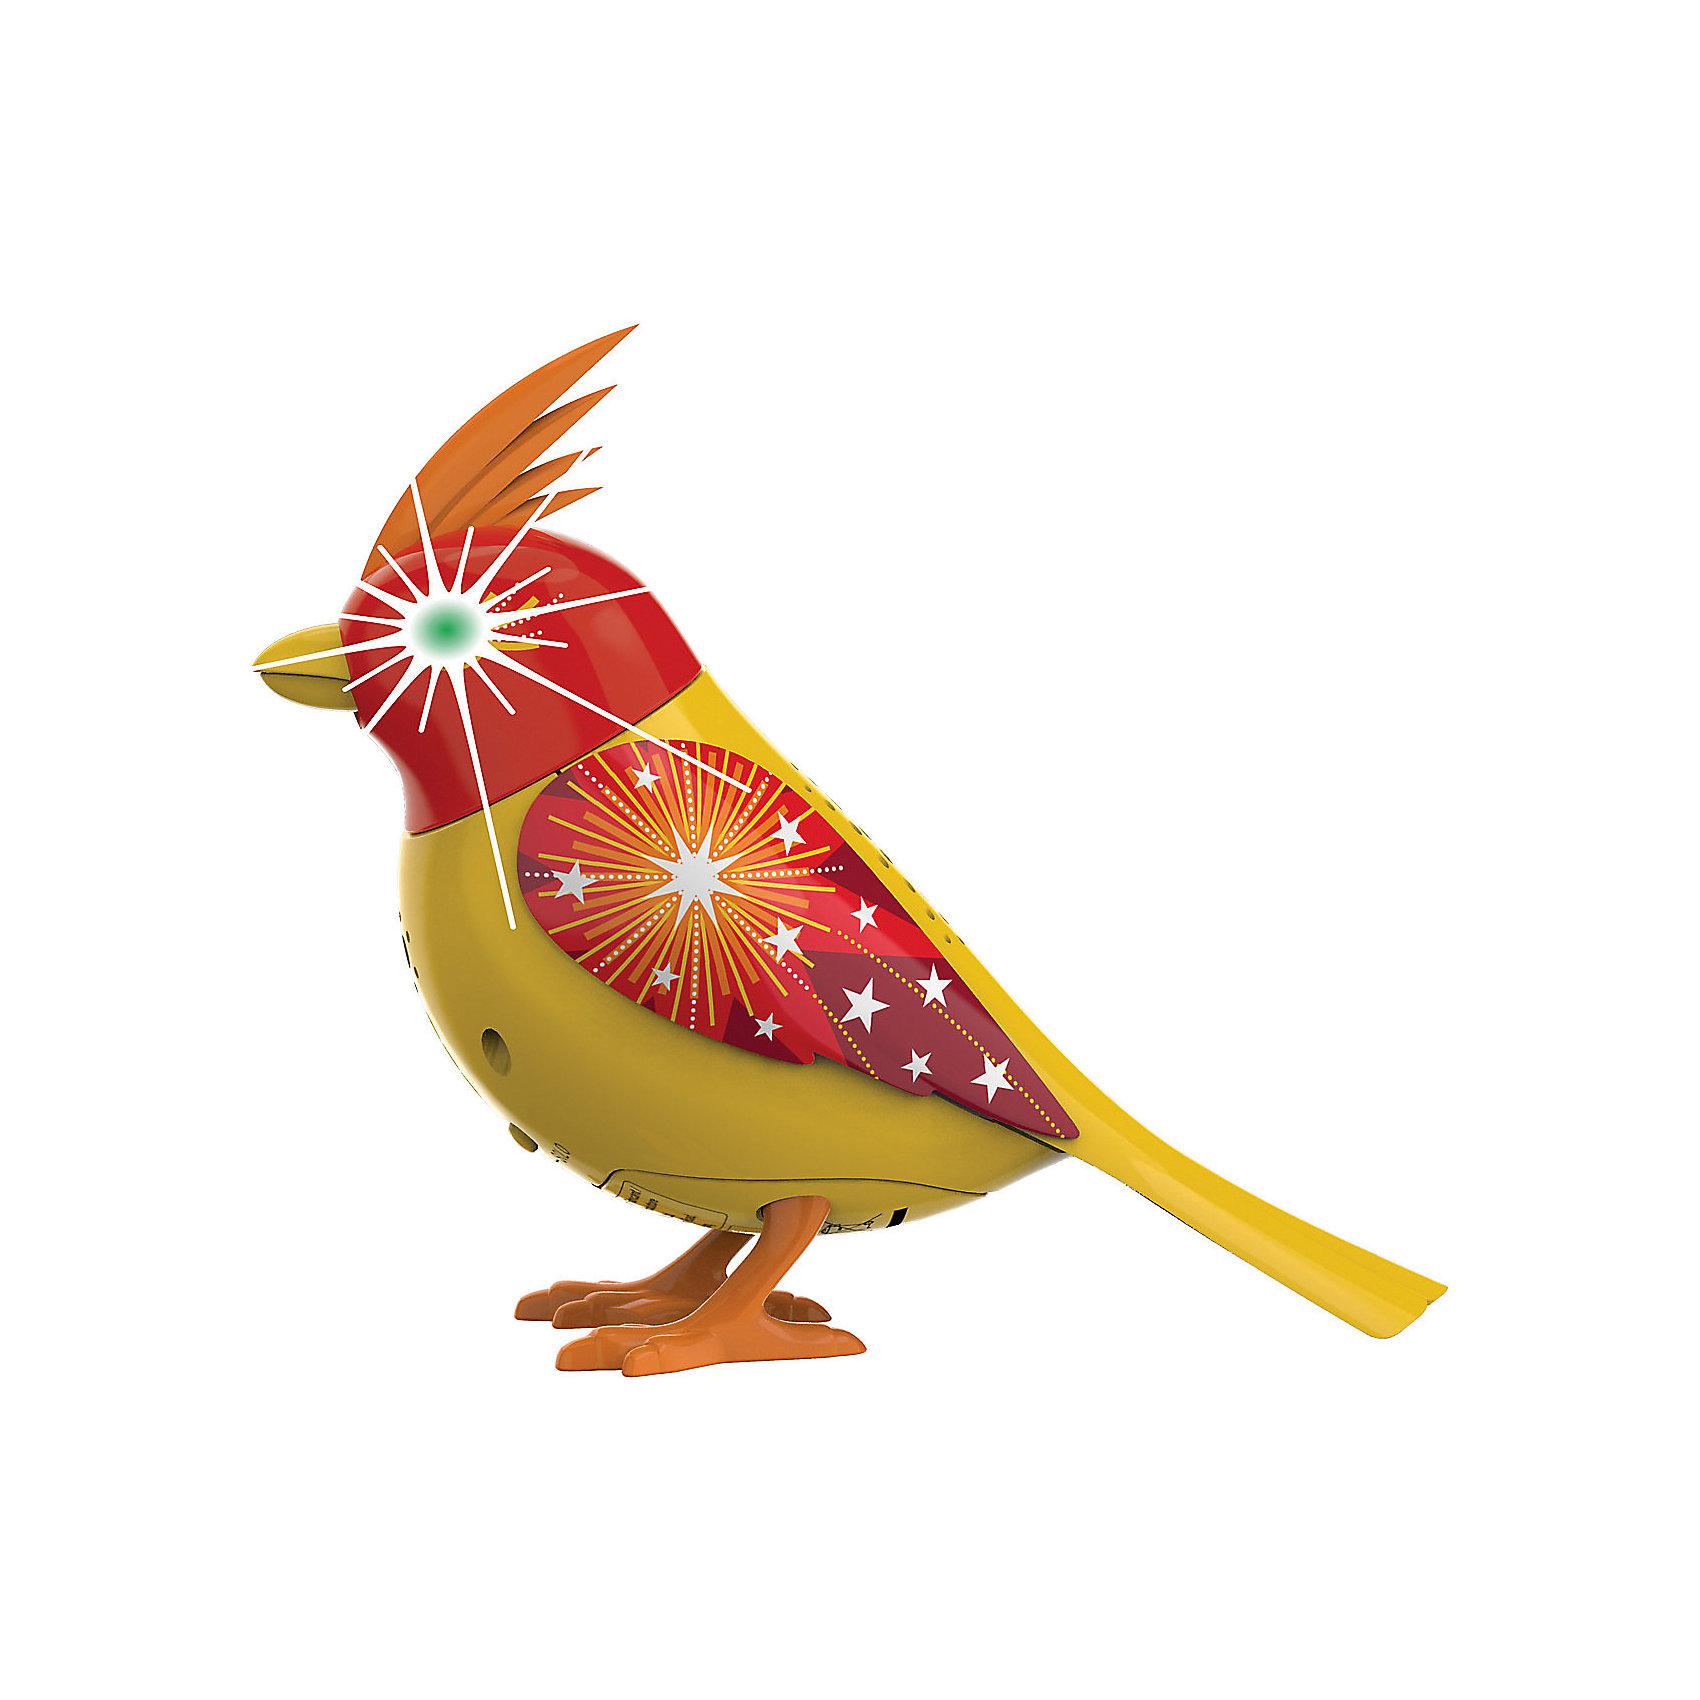 Птичка с мерцающими глазами, желто-красная, DigiBirdsИнтерактивные животные<br>Птичка с мерцающими глазами, желто-красная, DigiBirds<br><br>Характеристики:<br><br>• Возраст: от 3 лет<br>• Цвет: желто-красный<br>• В комплекте: 1 птичка, кольцо<br>• Батарейки: 3 (мини)<br>• Материал: пластик<br><br>В программу этой поющей птички заложено более пятидесяти различных звуков и мелодий! Она может петь и шевелиться, а так же стоять на любой поверхности, а не только на своей жердочке, что делает ее мобильной и позволяет ребенку носить ее с собой. <br><br>При приобретении нескольких игрушек данной серии она может даже петь с ними в хоре. Для активации игрушки необходимо подуть в свисток, который идет в комплекте. При пении у птички светятся глаза, она может открывать клюв и шевелить головой.<br><br>Птичка с мерцающими глазами, желто-красная, DigiBirds можно купить в нашем интернет-магазине.<br><br>Ширина мм: 64<br>Глубина мм: 152<br>Высота мм: 102<br>Вес г: 91<br>Возраст от месяцев: 36<br>Возраст до месяцев: 84<br>Пол: Женский<br>Возраст: Детский<br>SKU: 5420002